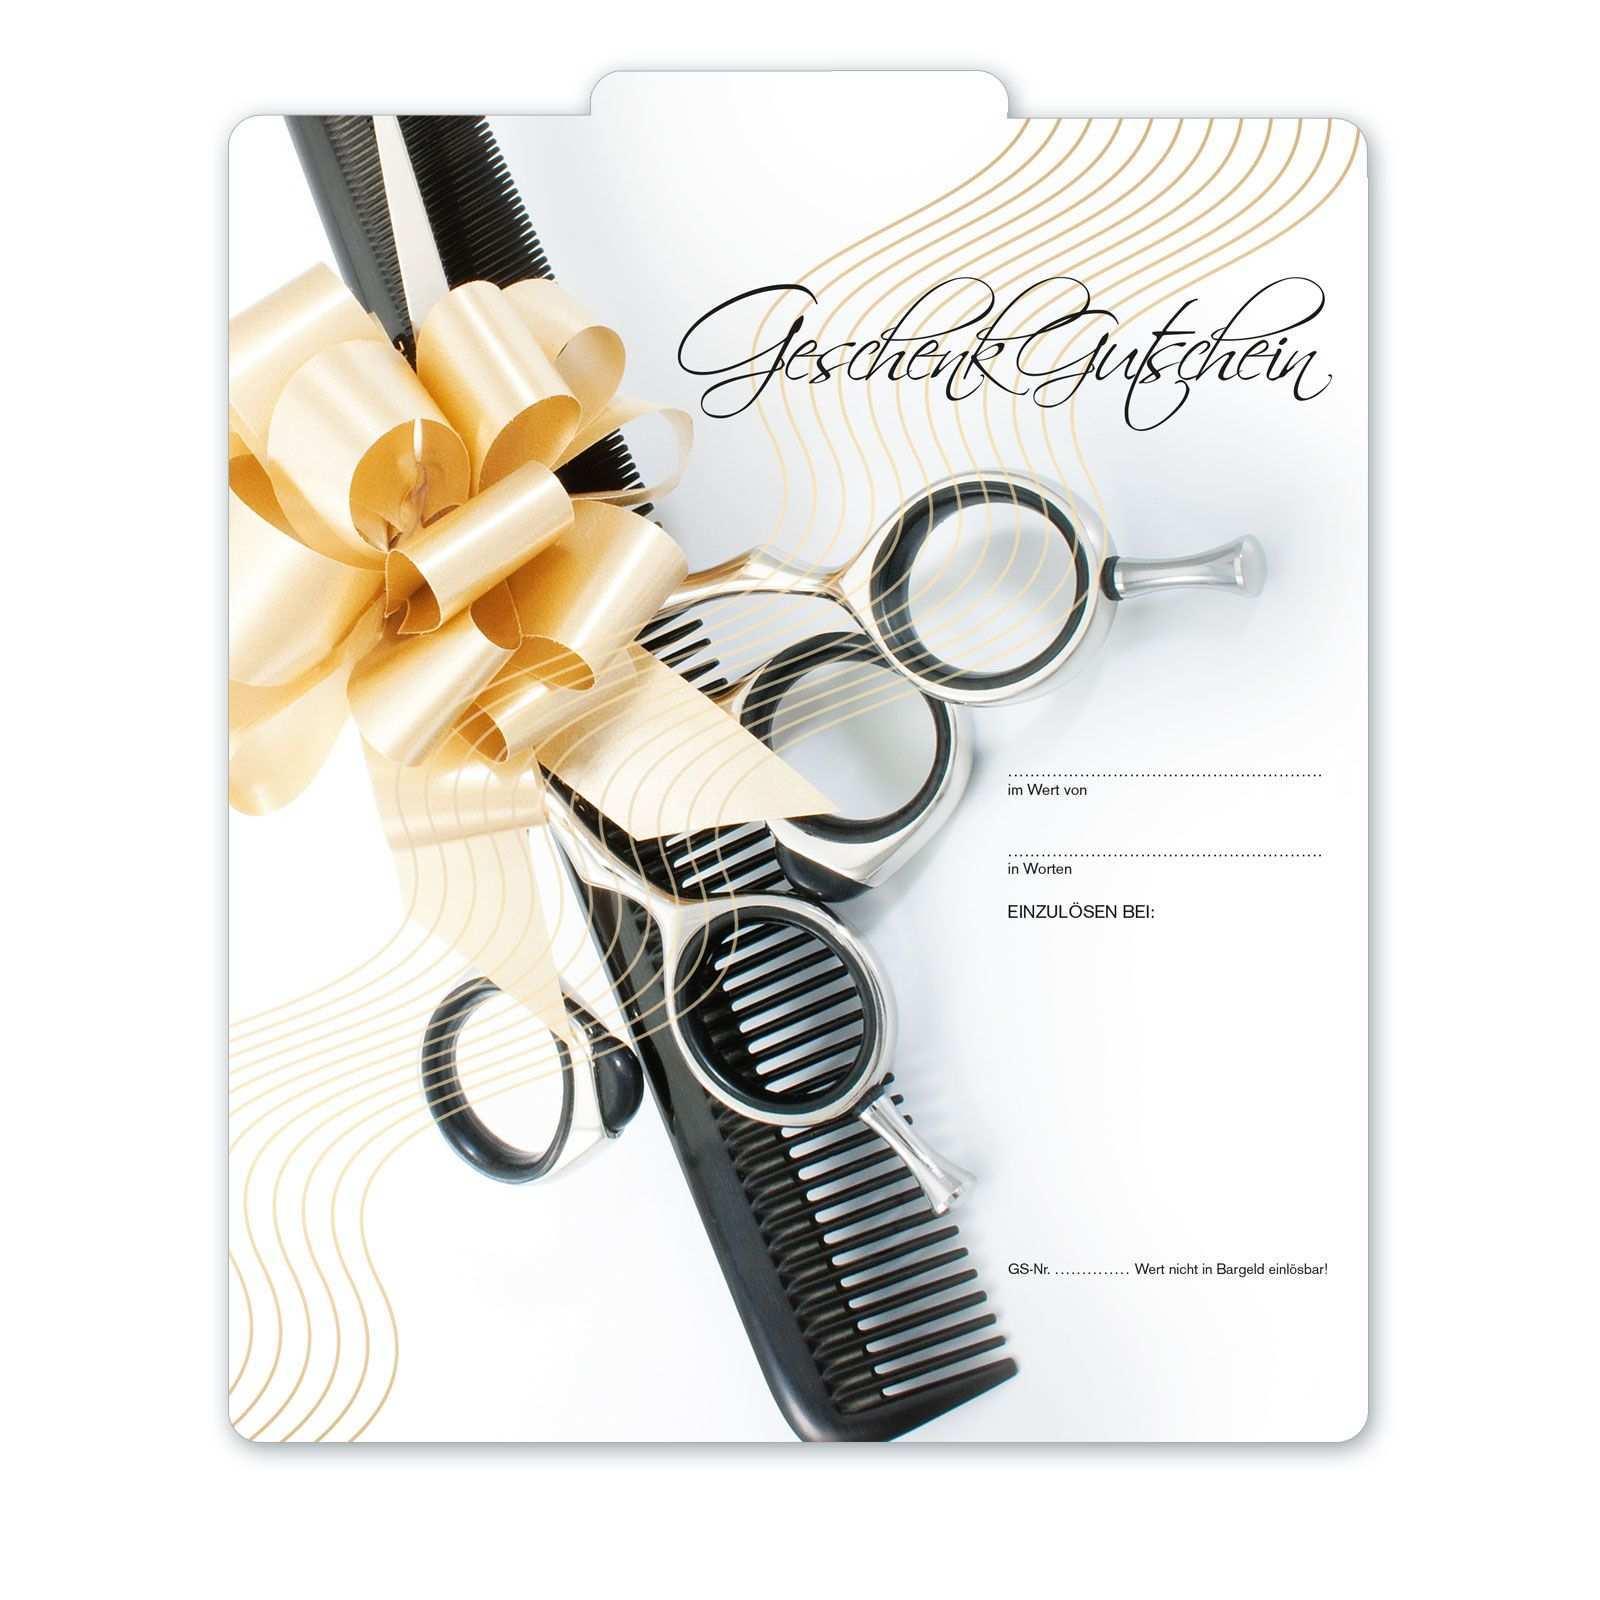 Geschenkgutschein Fur Friseure K284 Geschenkgutscheine Gutscheine Geschenke